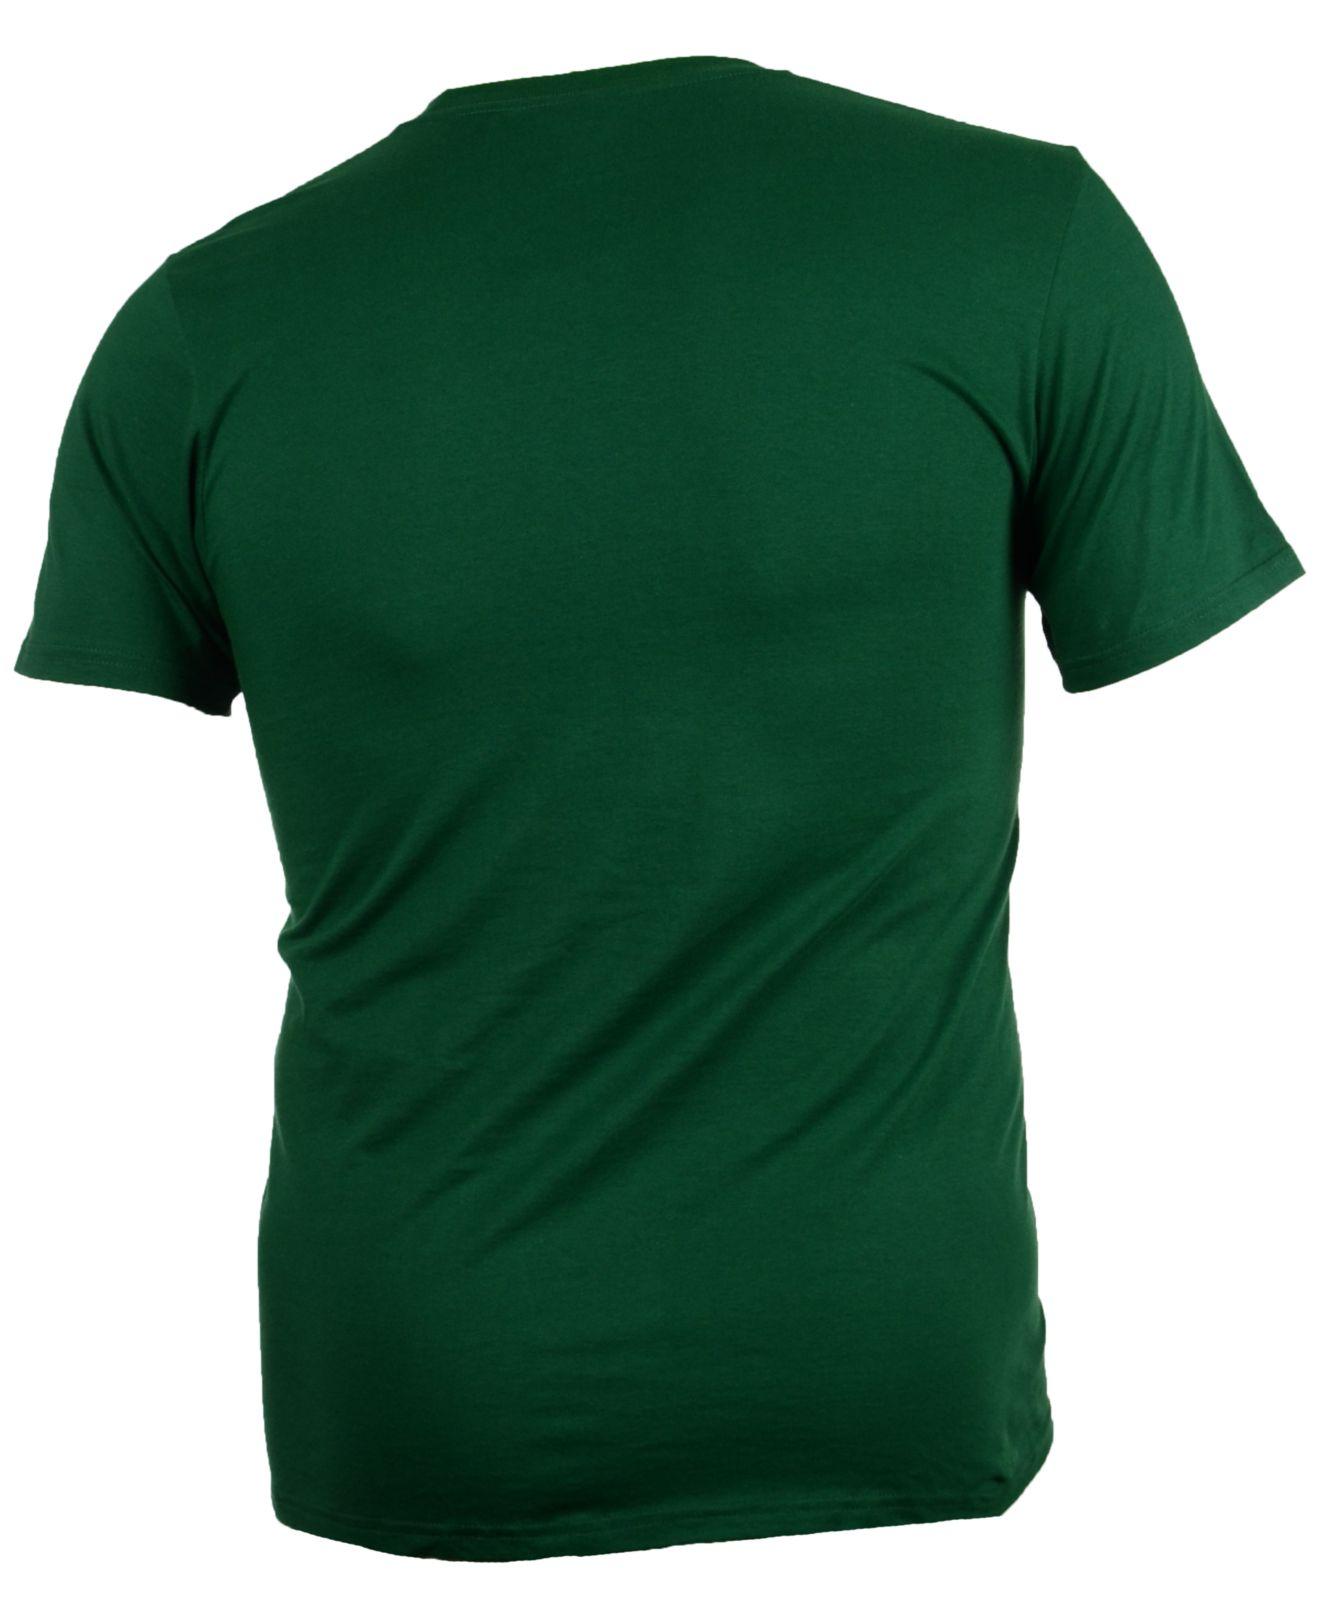 Lyst reebok men 39 s minnesota wild high end mascot t shirt for High end men s dress shirts